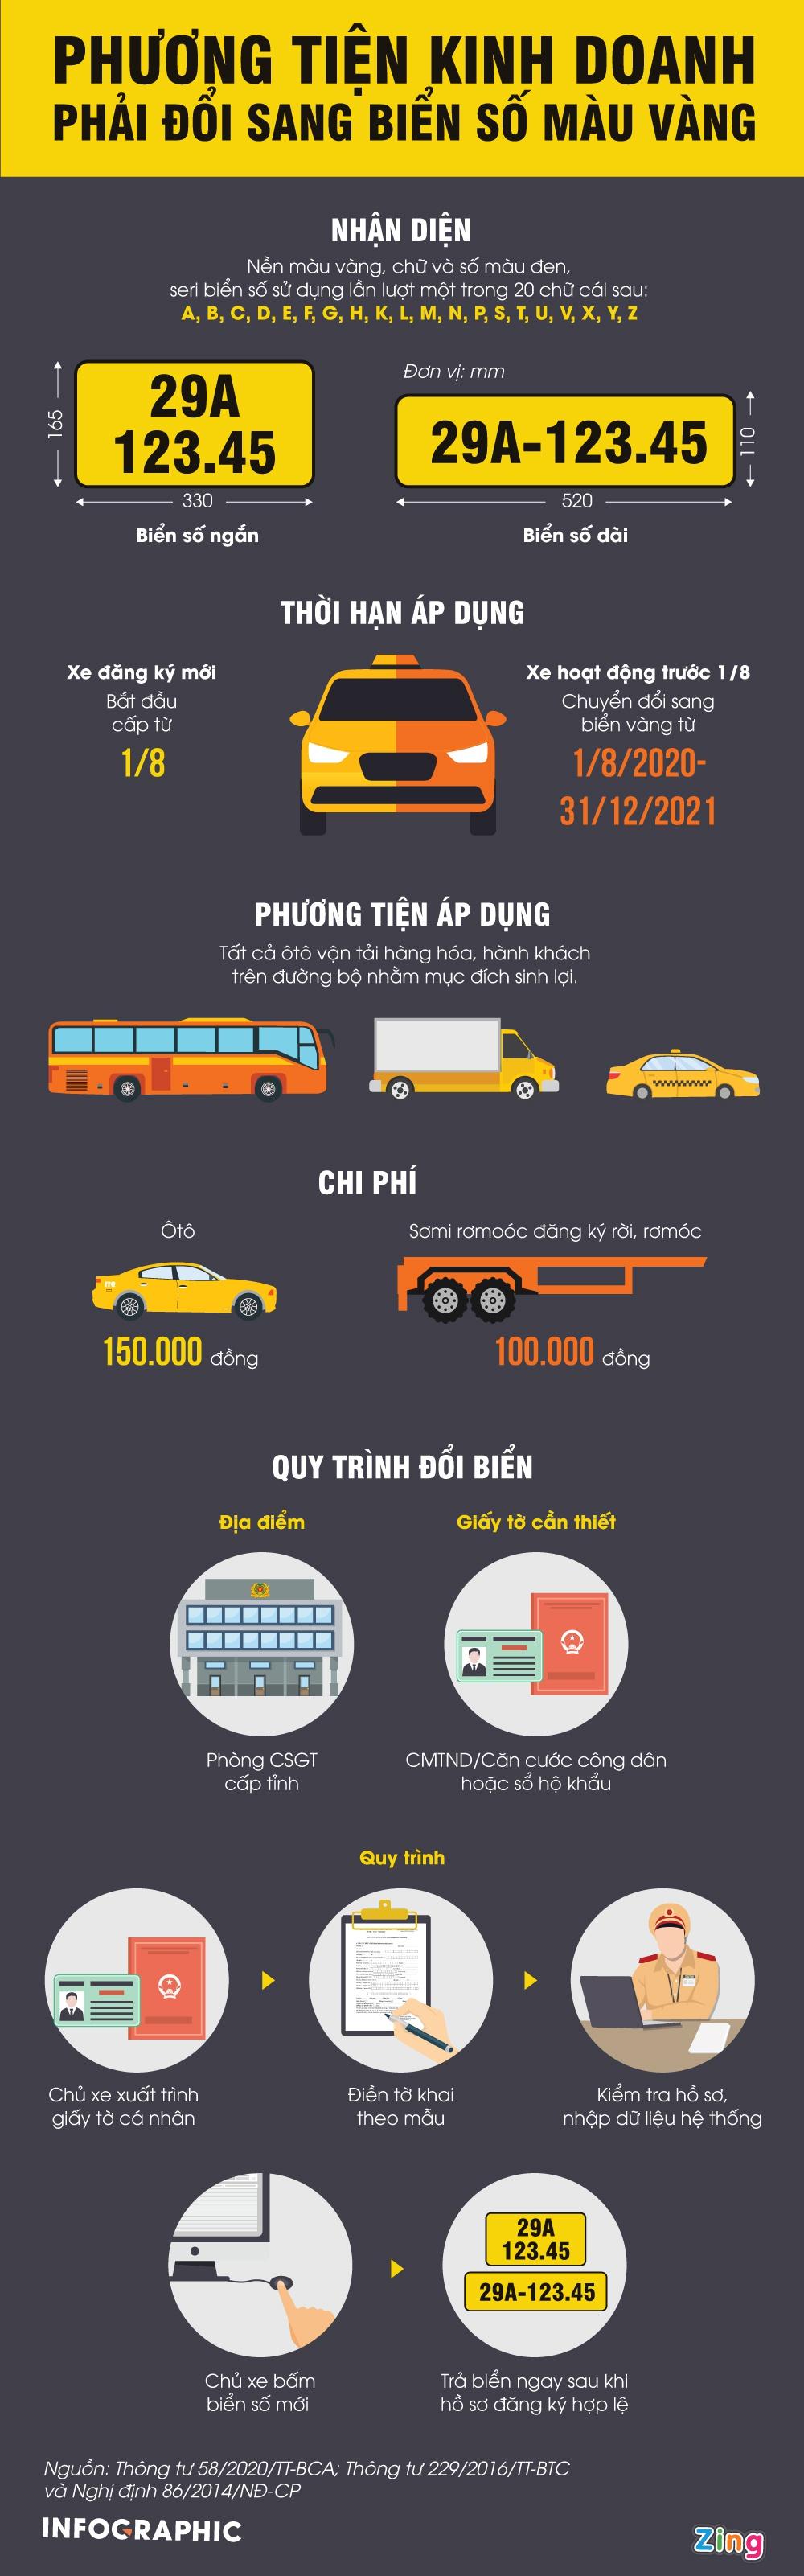 [Infographics] Quy trình đổi biển số màu vàng như thế nào, ở đâu? - Ảnh 1